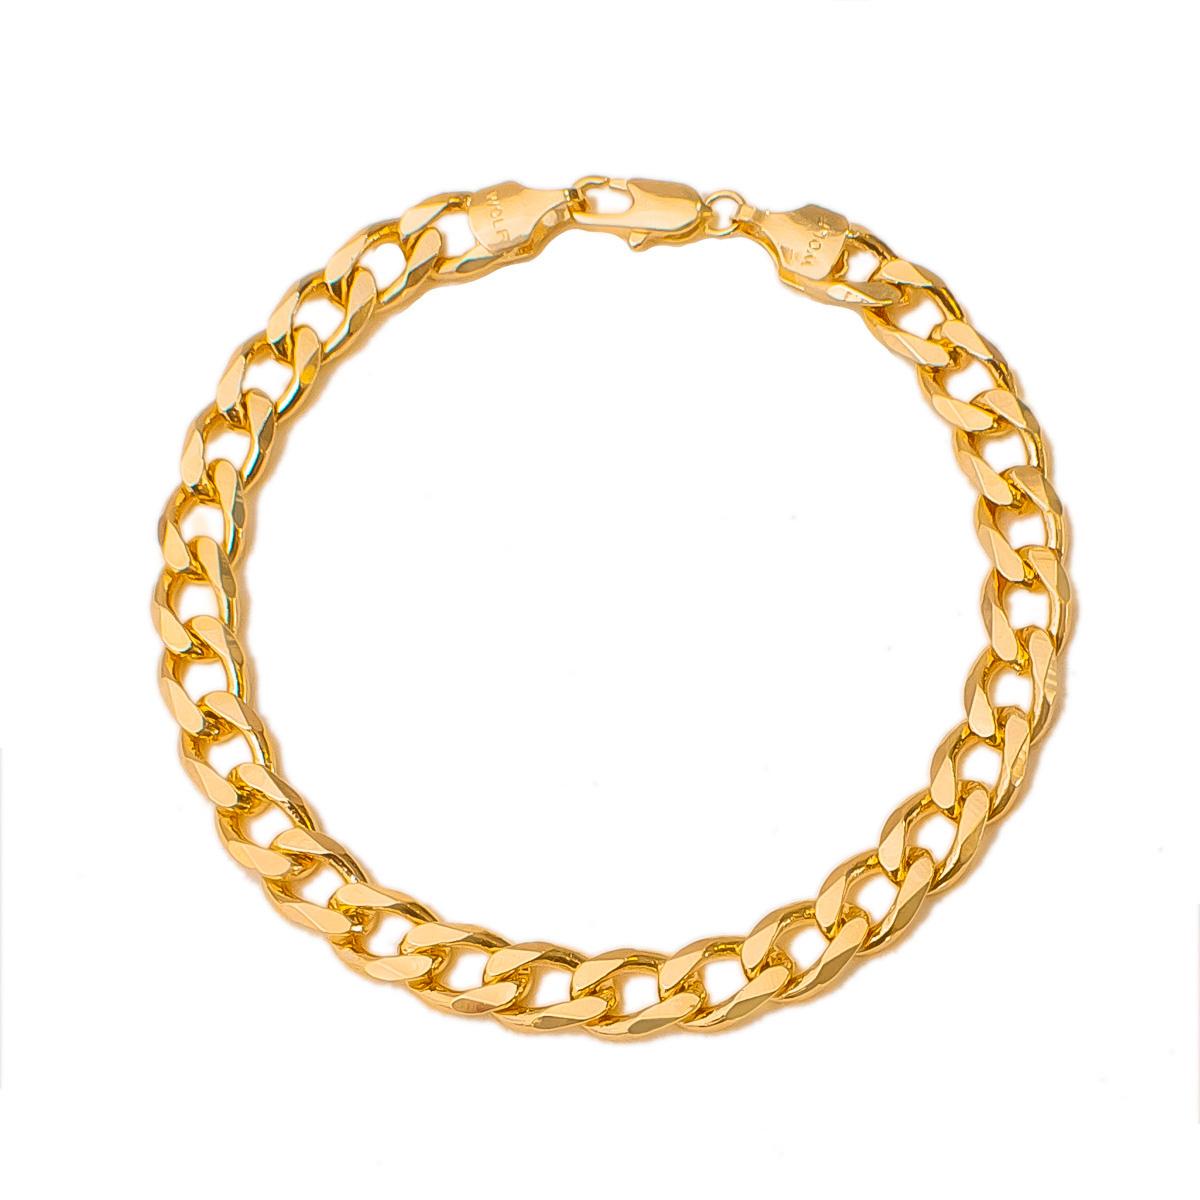 Pulseira Masculina Elo Cadeado 20 cm Folheado Em Ouro